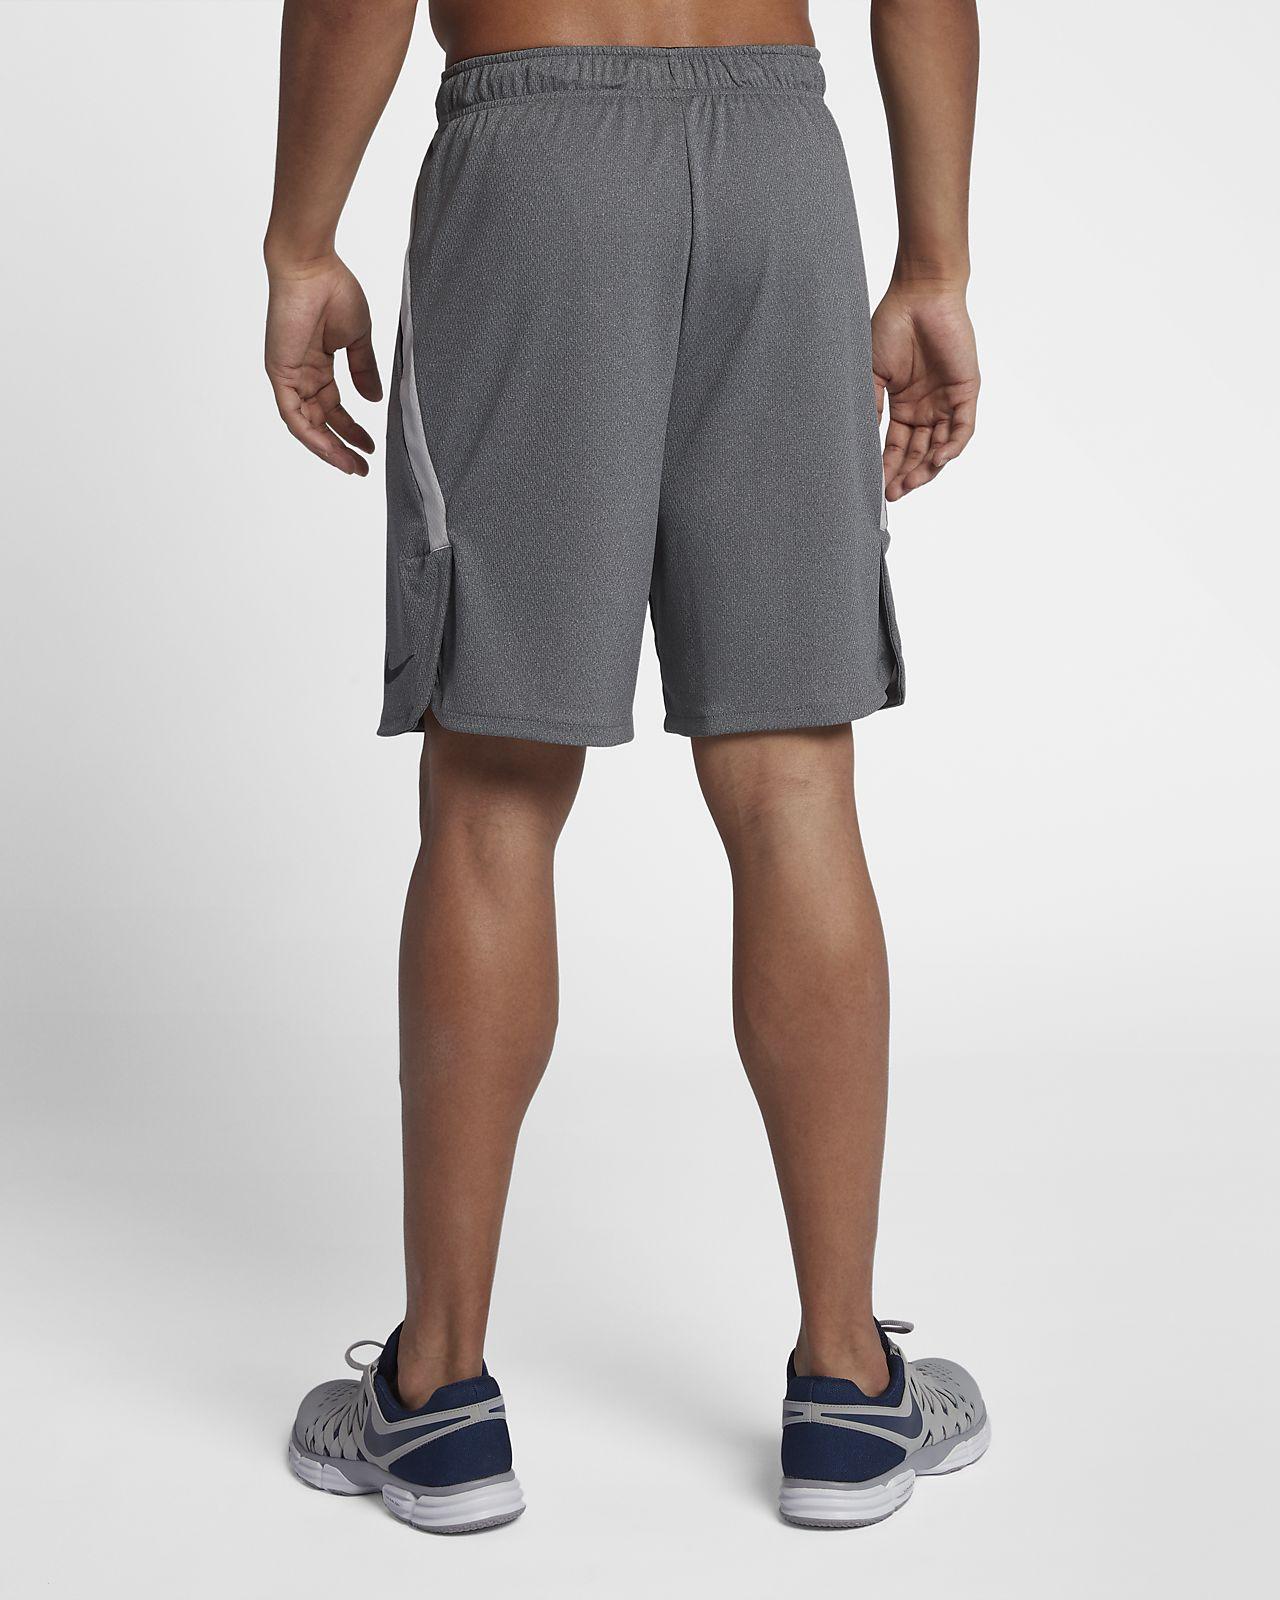 46ce53b4 Nike Dri-FIT Men's Woven 9